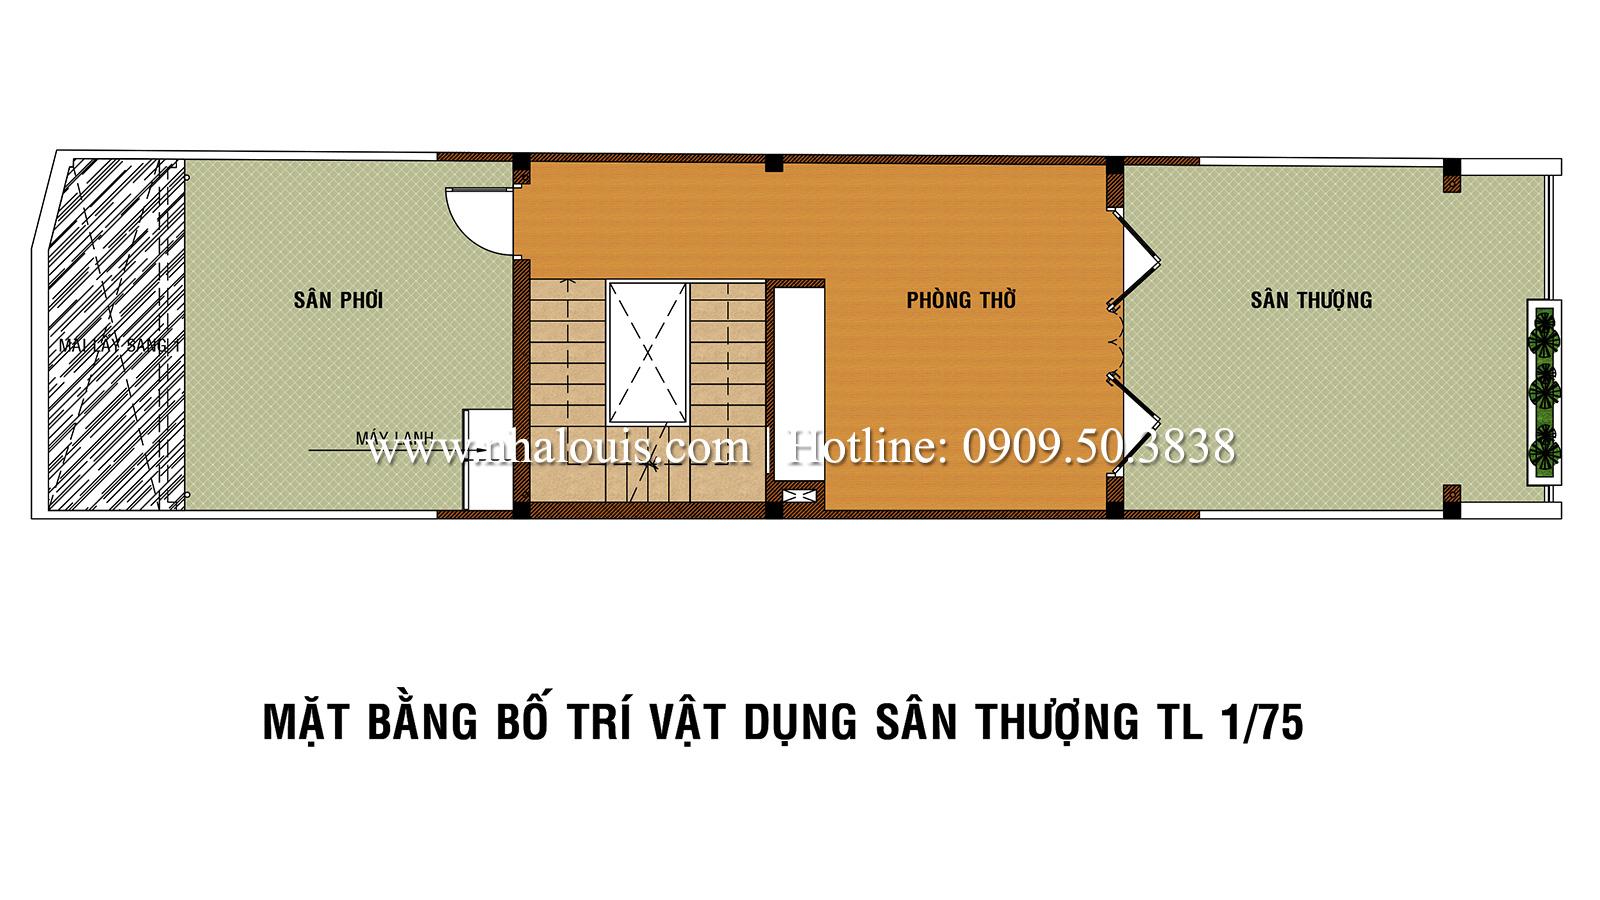 Tư vấn thiết kế nhà phố hiện đại 5 tầng sang chảnh tại quận Tân Phú - 05